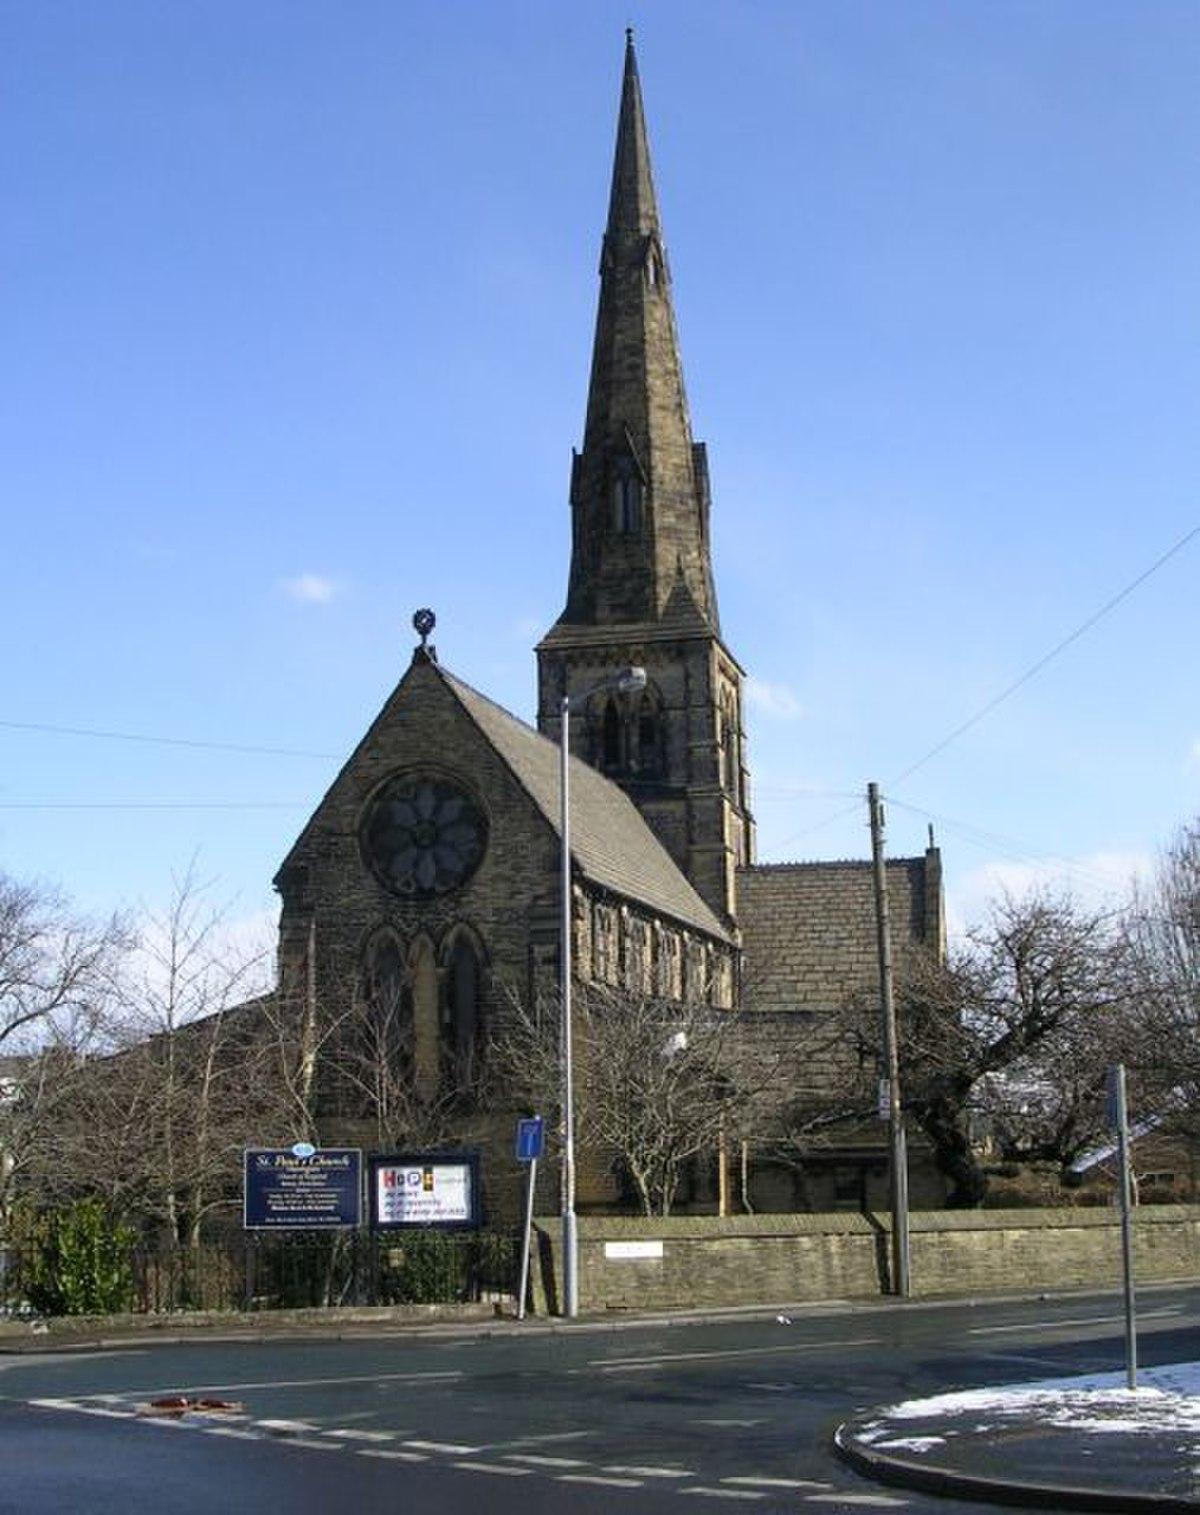 St Paul's Church - Church Street - geograph.org.uk - 733461.jpg